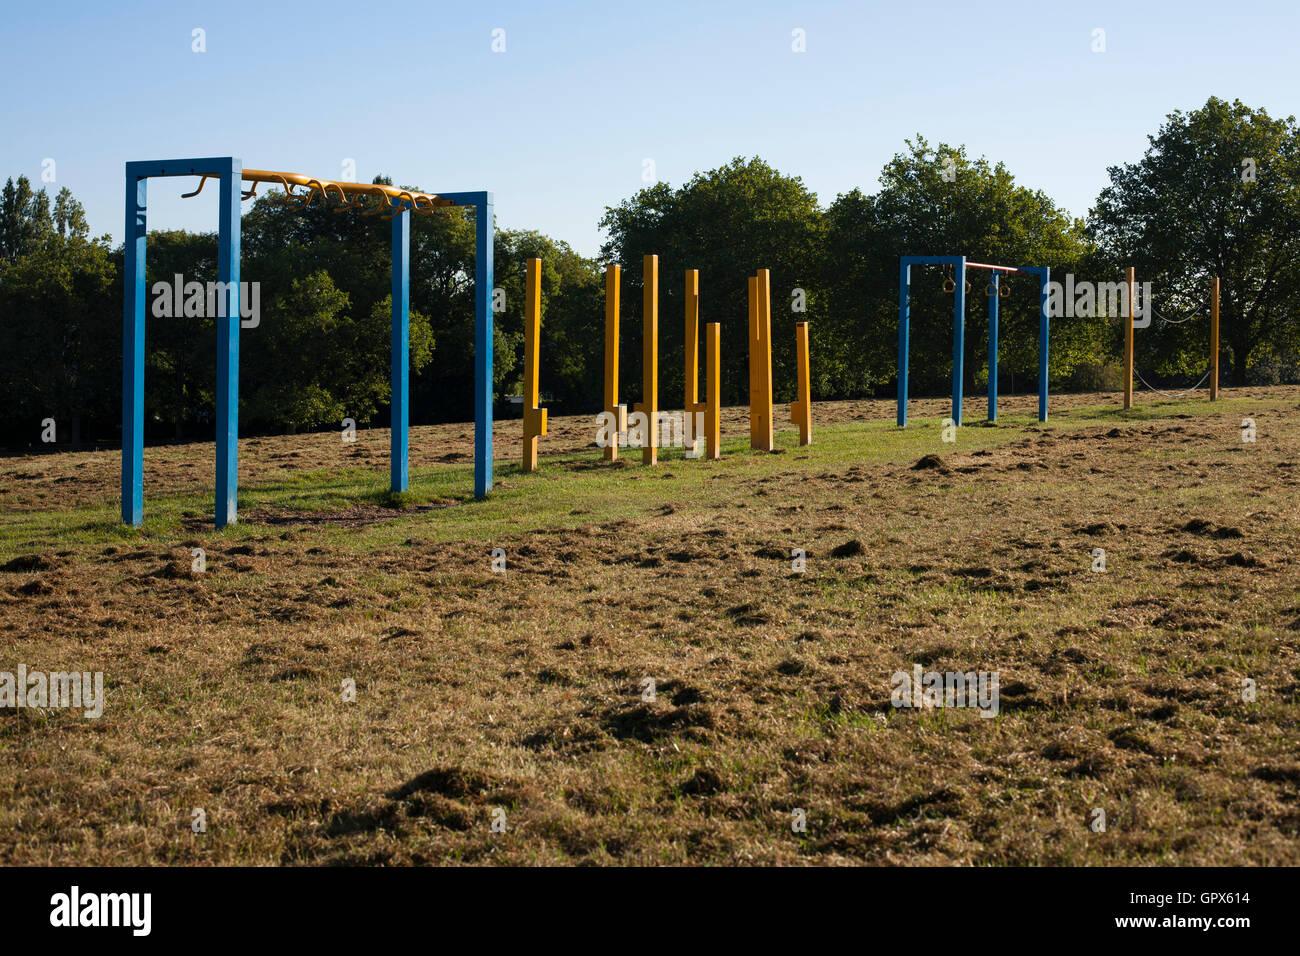 L'équipement d'exercice dans les champs vallonnés Park, Londres. Photo Stock